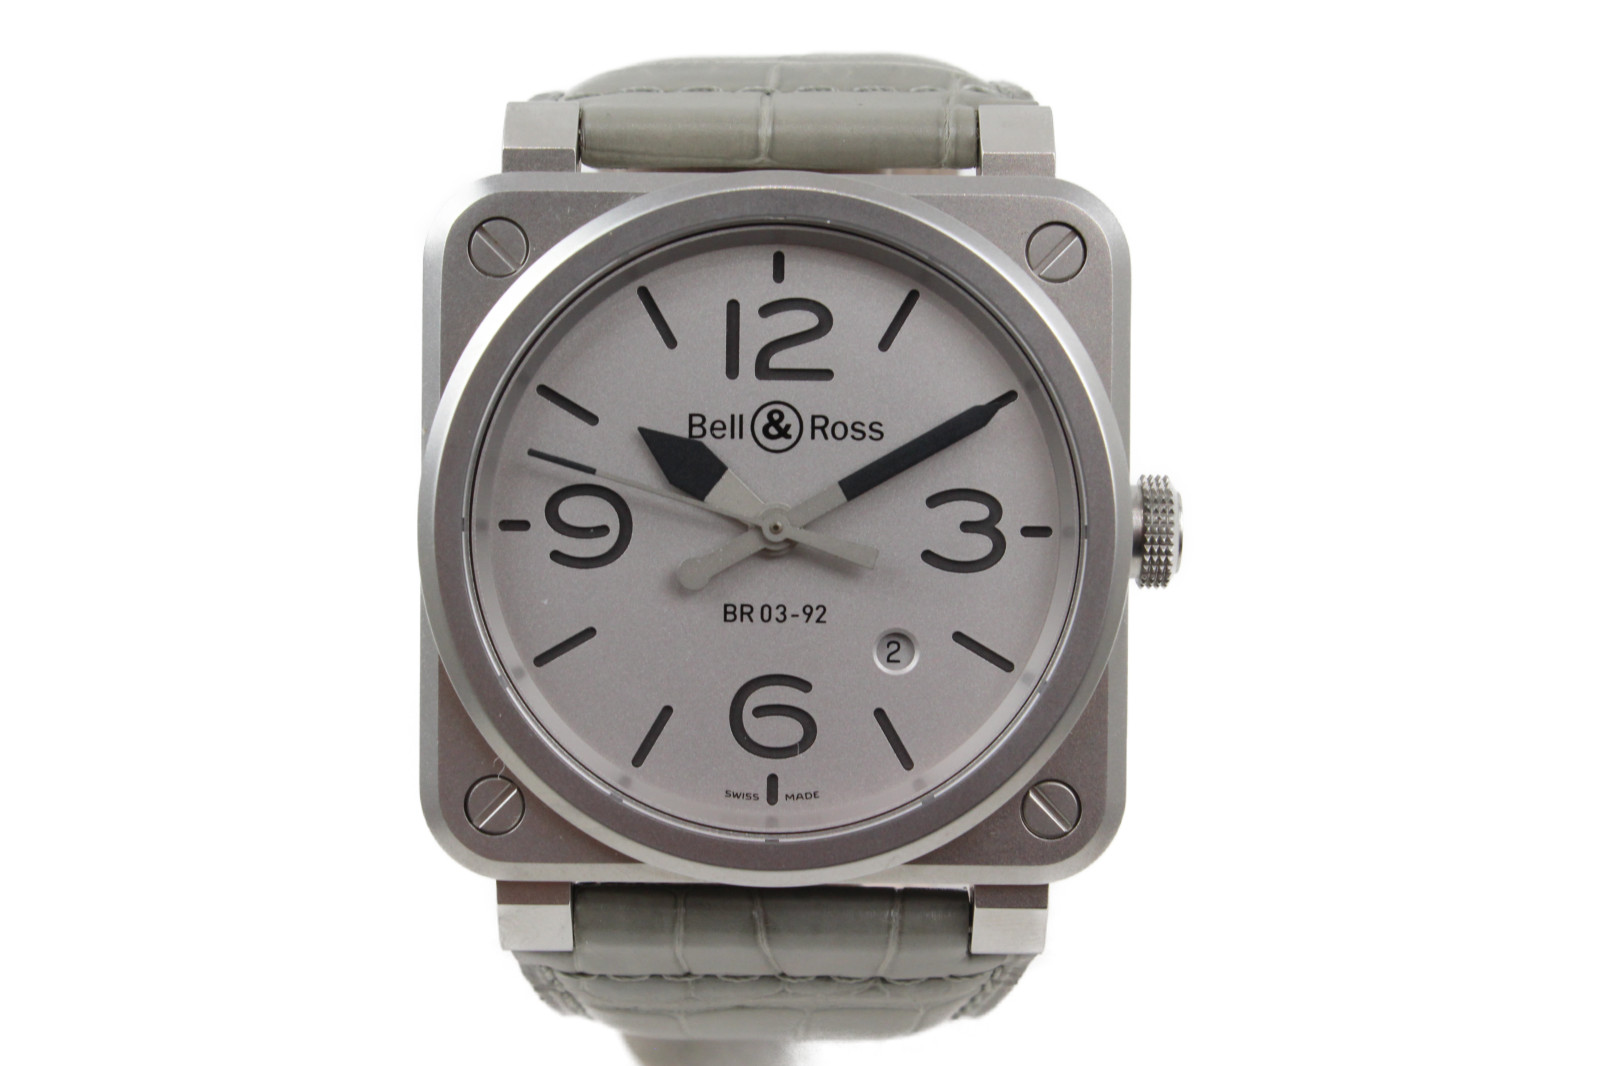 BELL&ROSS ベル&ロス アビエーション BR03-92-S-03040 自動巻き デイト SS ステンレススチール 革ベルト グレー シルバー メンズ 腕時計【中古】